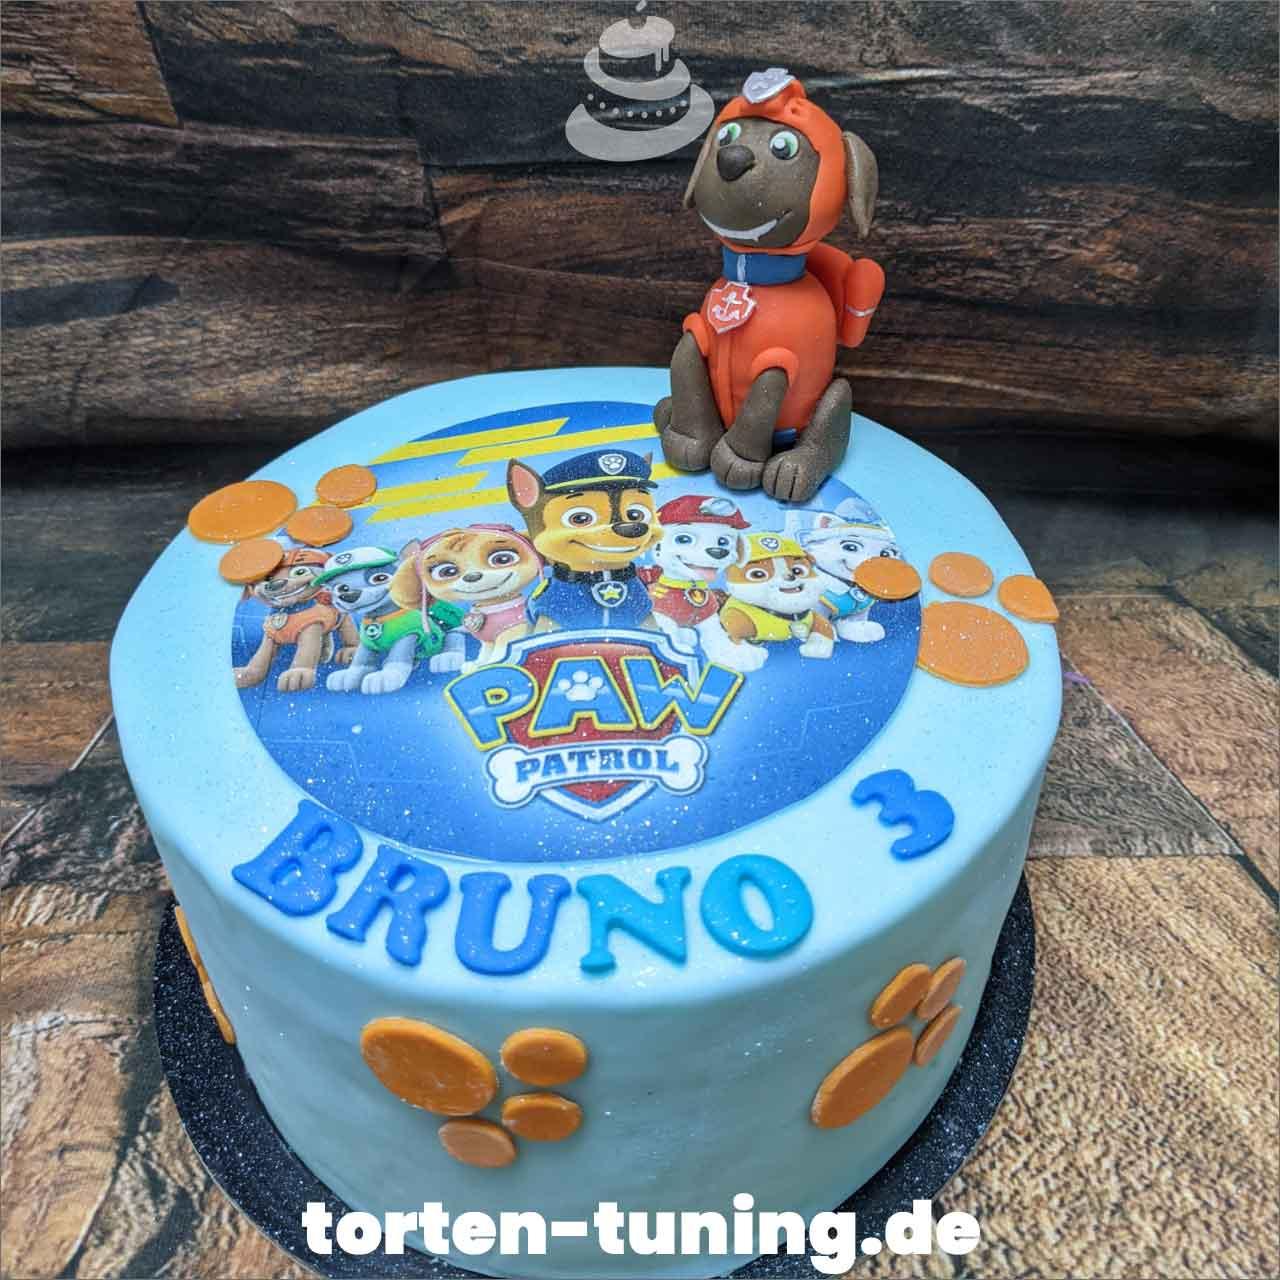 Zuma Paw Patrol Dripcake Obsttorte Geburtstagstorte Motivtorte Torte Tortendekoration Torte online bestellen Suhl Thüringen Torten Tuning Sahnetorte Tortenfiguren Cake Topper